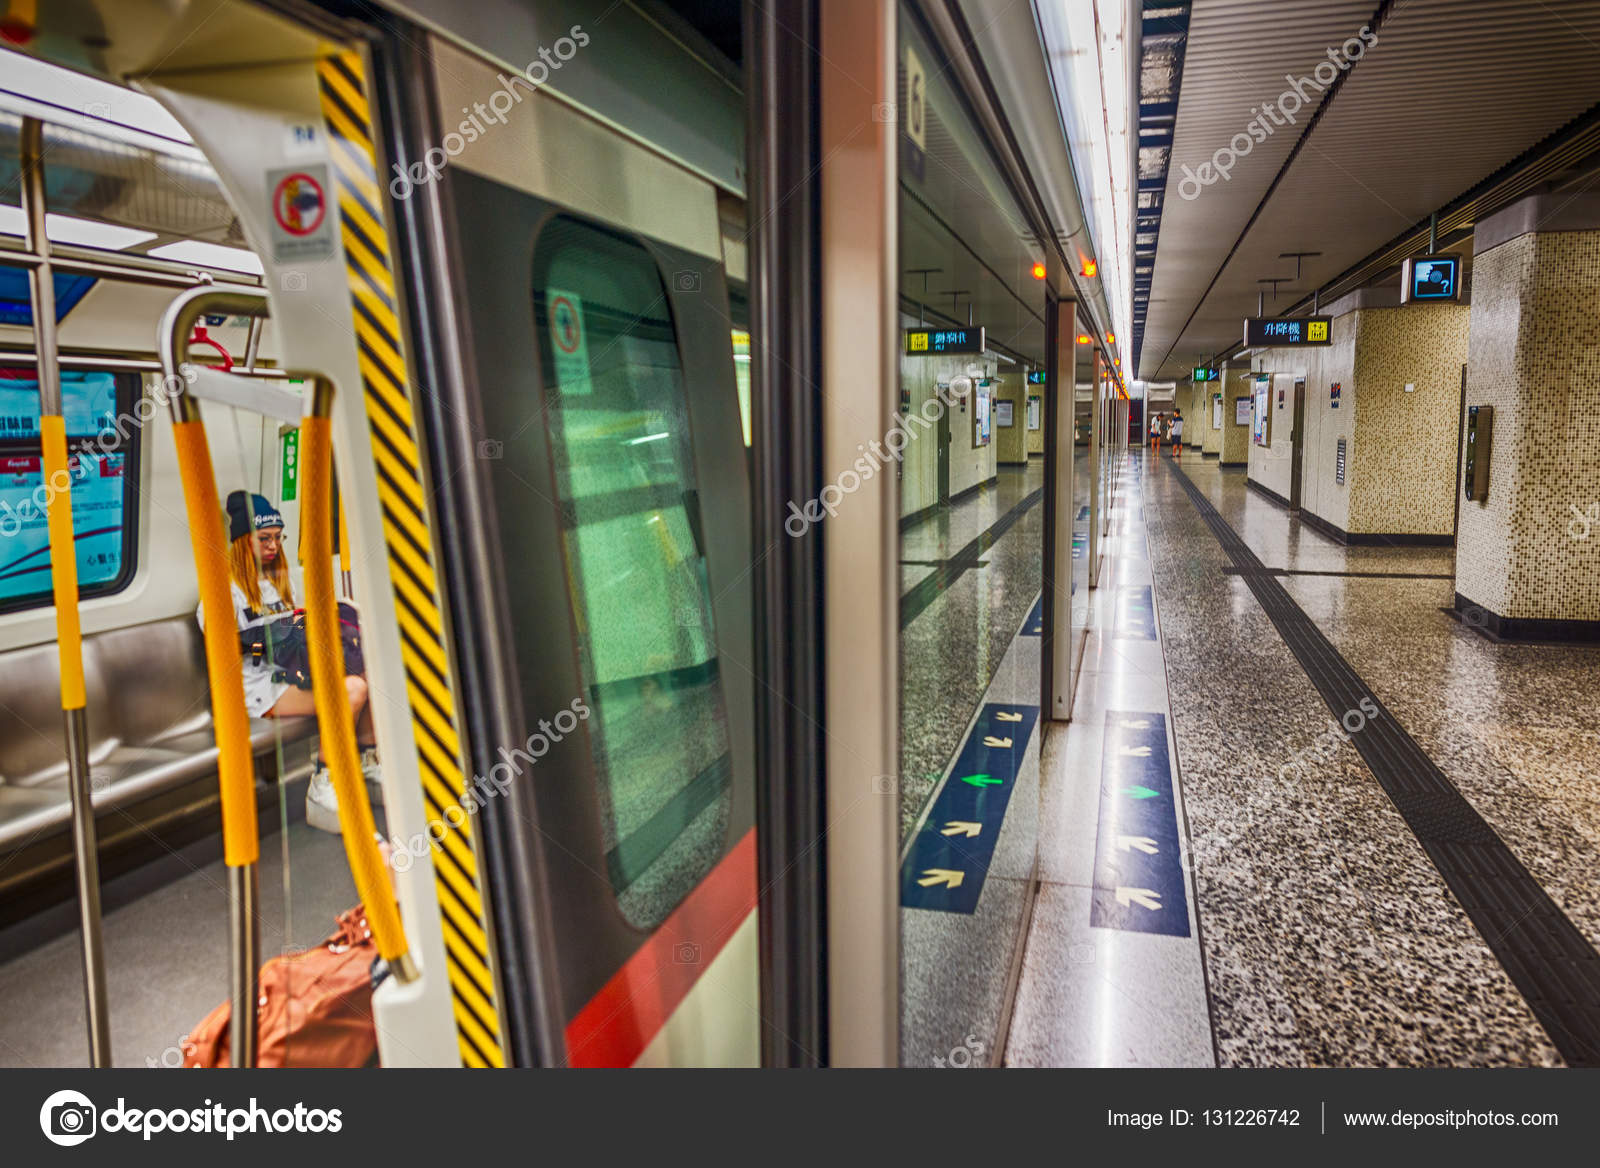 HONG KONG - APRIL 2014: MTR underground station in Hong Kong